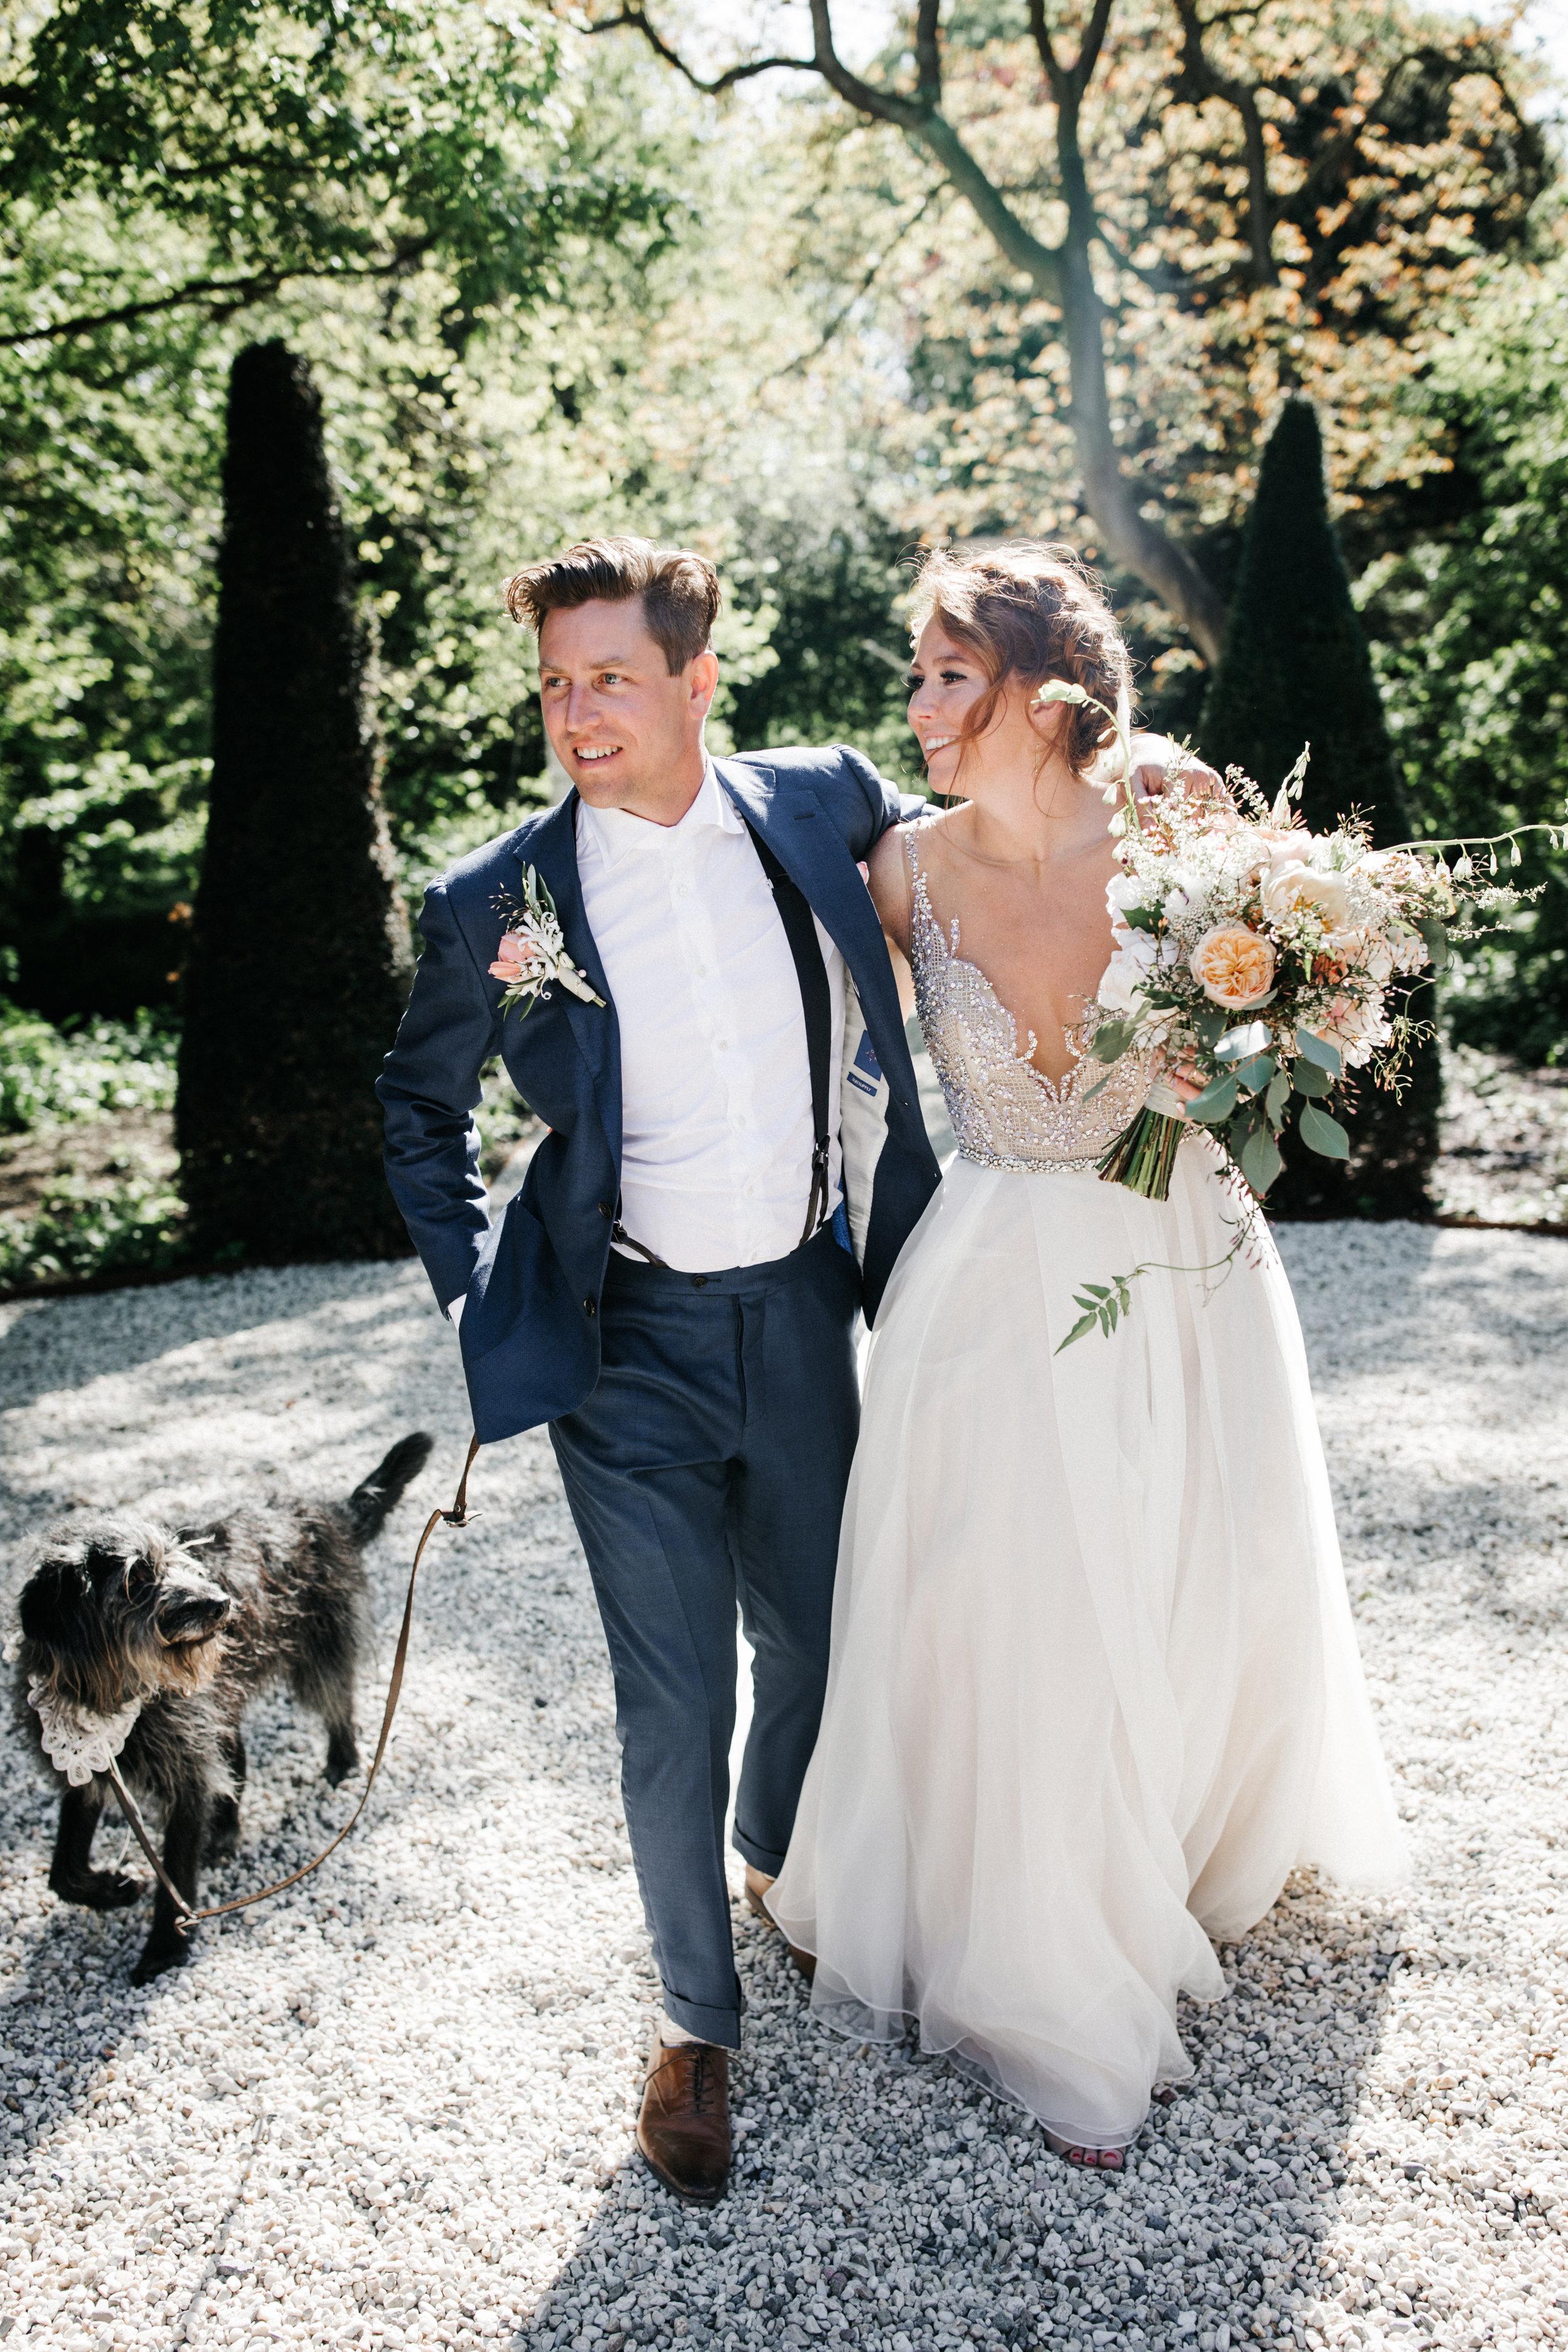 #apbloem #florist #kerkstraat #amsterdam #flowers #bloemen #bloemist #flowers #bouquet #boeket #arrangement #photoshoot #peony #bruiloft #trouwen #bloemenbezorgen #wedding #love #liefde #event #evenement #garden #tuin #bridalgown #blackandwhite #bruidsjurk #justmarried #bridalcouple #weddingflowers #weddingphotography #weddinginspiration #pastel #peony #peonia #pioenrozen #weddingcouple #justmarried